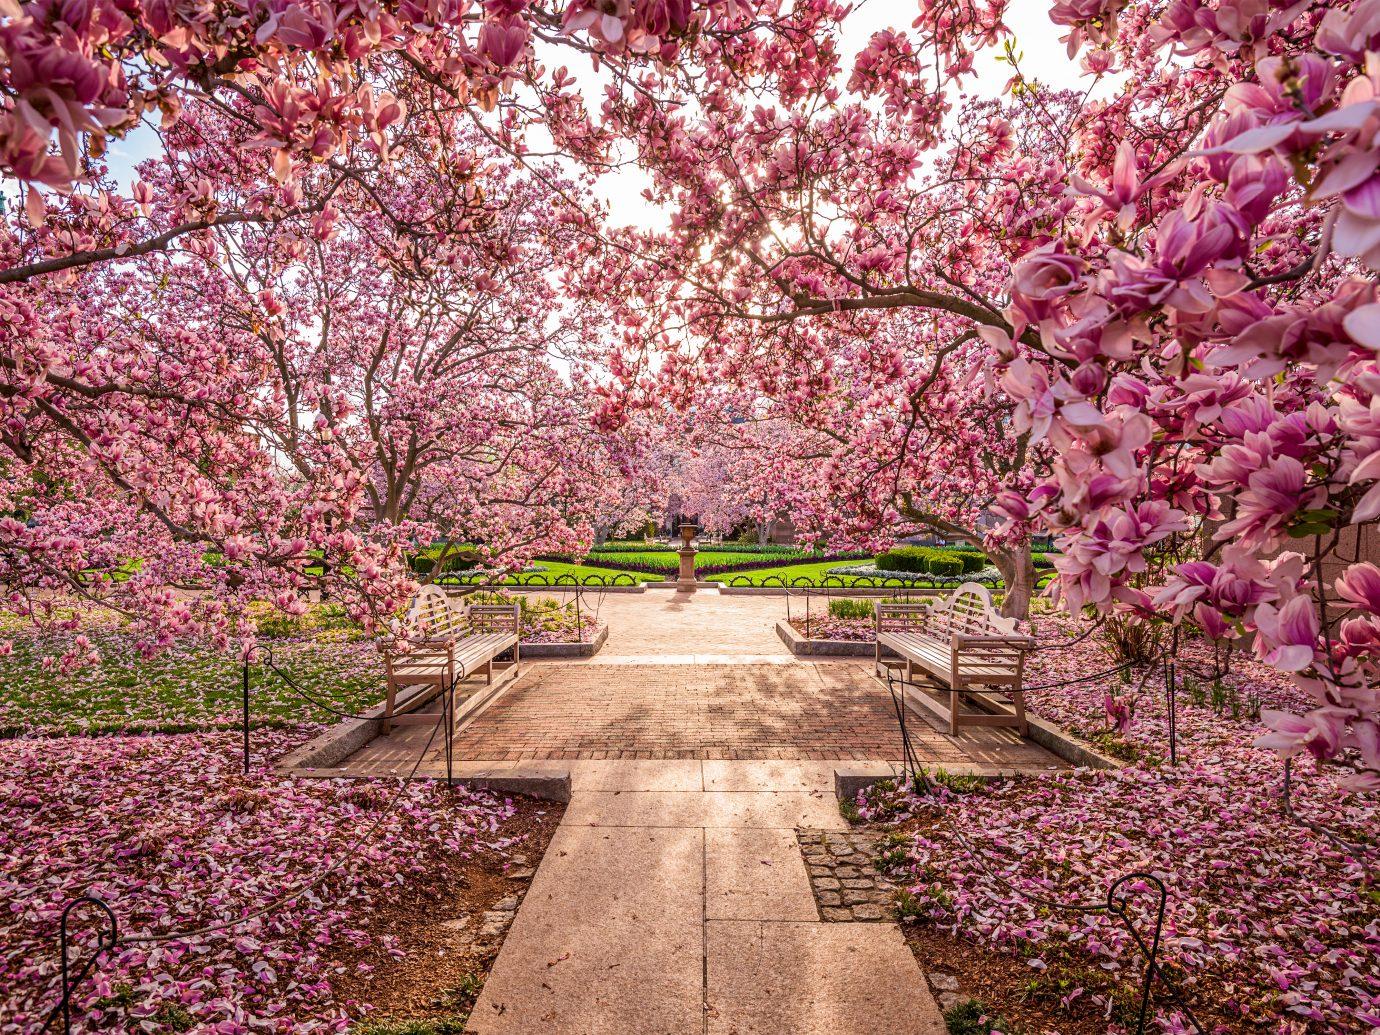 Washington DC garden off the National Mall during the spring season.